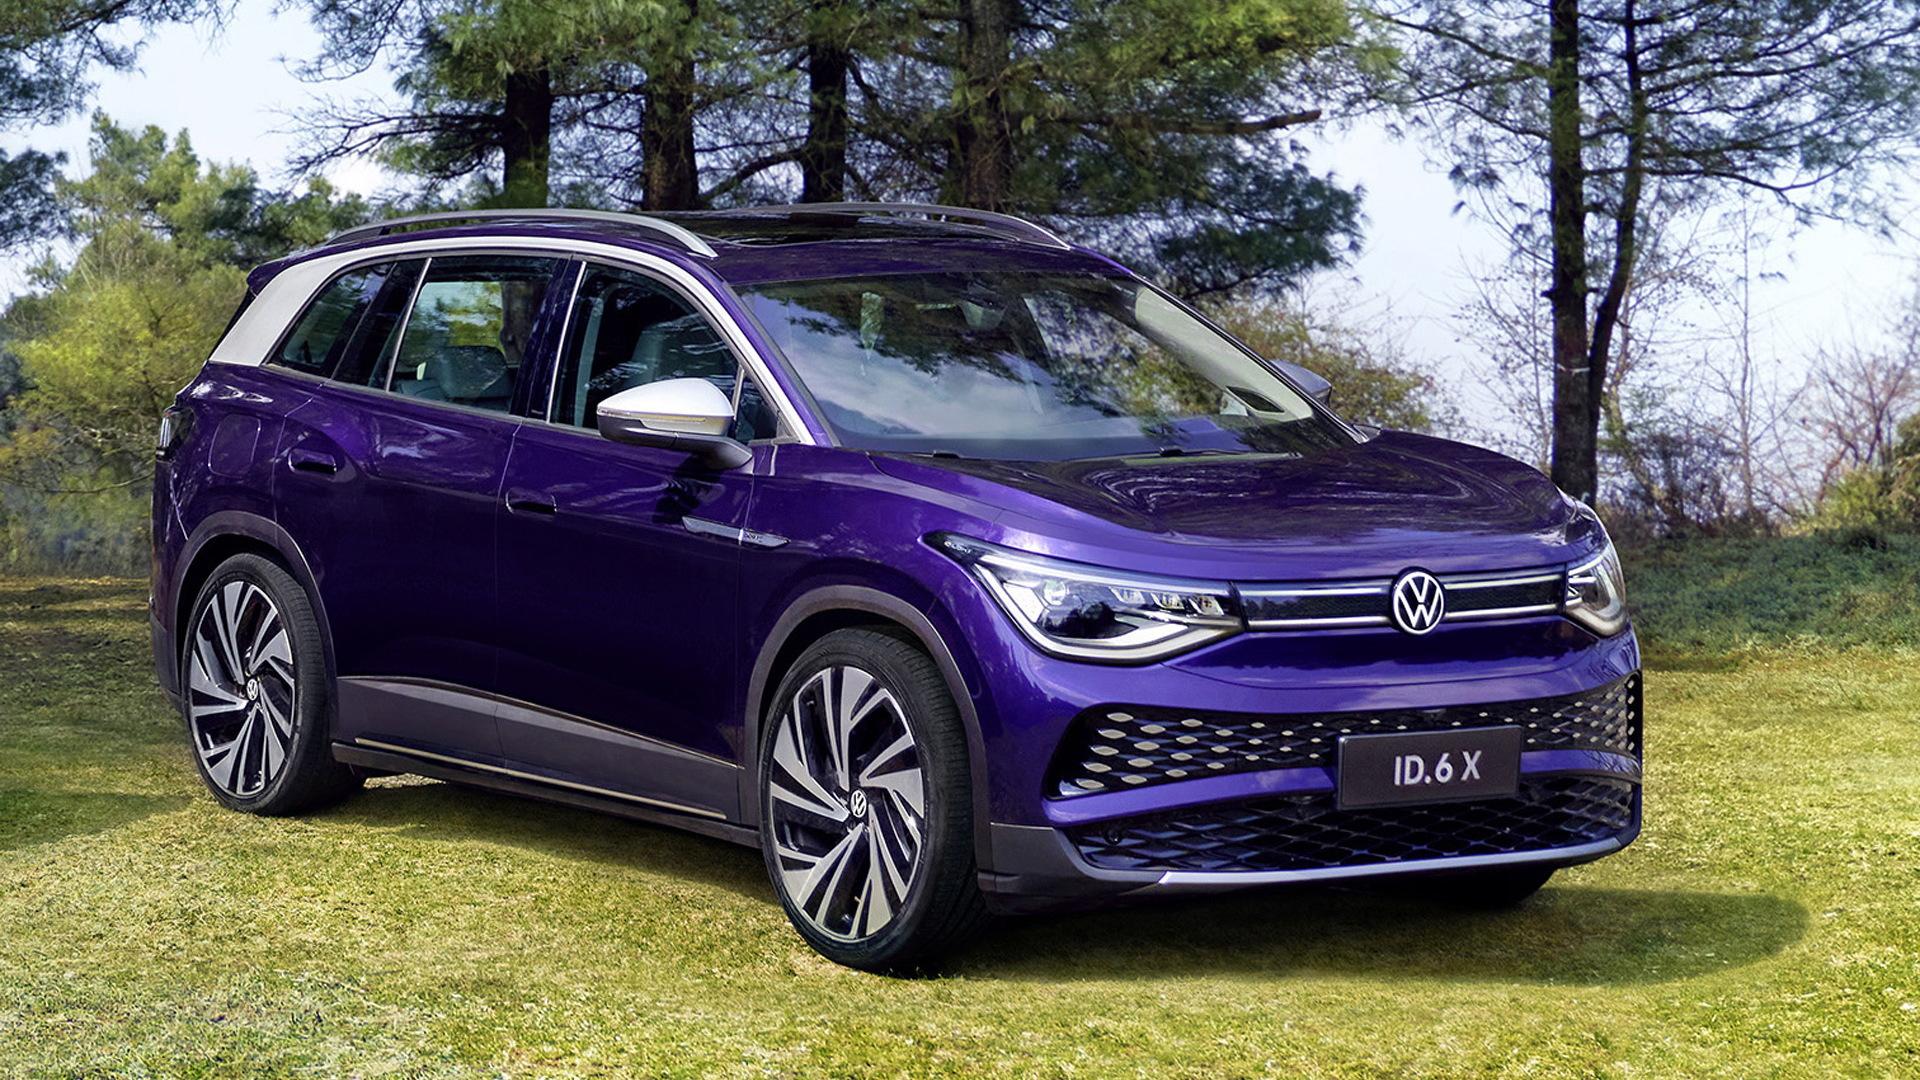 2022 Volkswagen ID.6